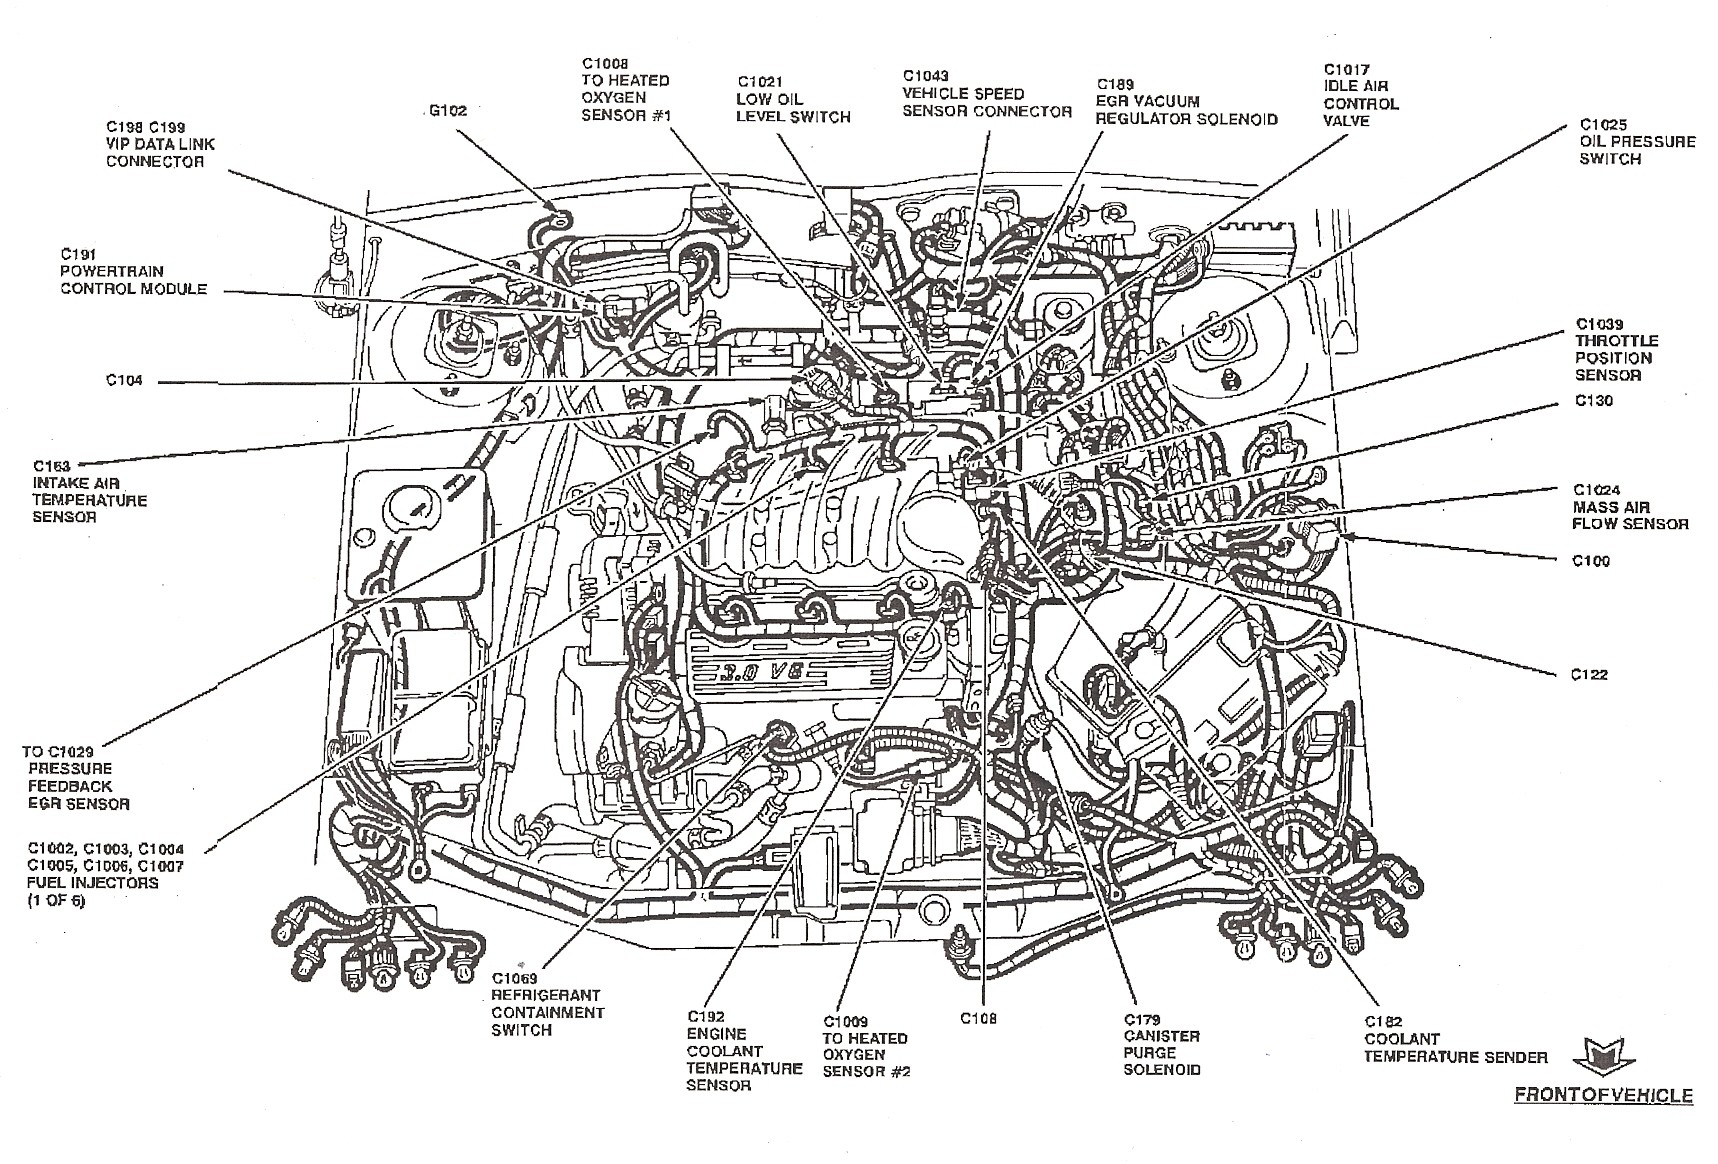 Ford Focus 2001 Engine Diagram Zetec Engine Diagram Vacuum Wiring Wiring Diagrams Instructions Of Ford Focus 2001 Engine Diagram ford Focus 1 6 Lx Engine Diagram ford Wiring Diagrams Instructions